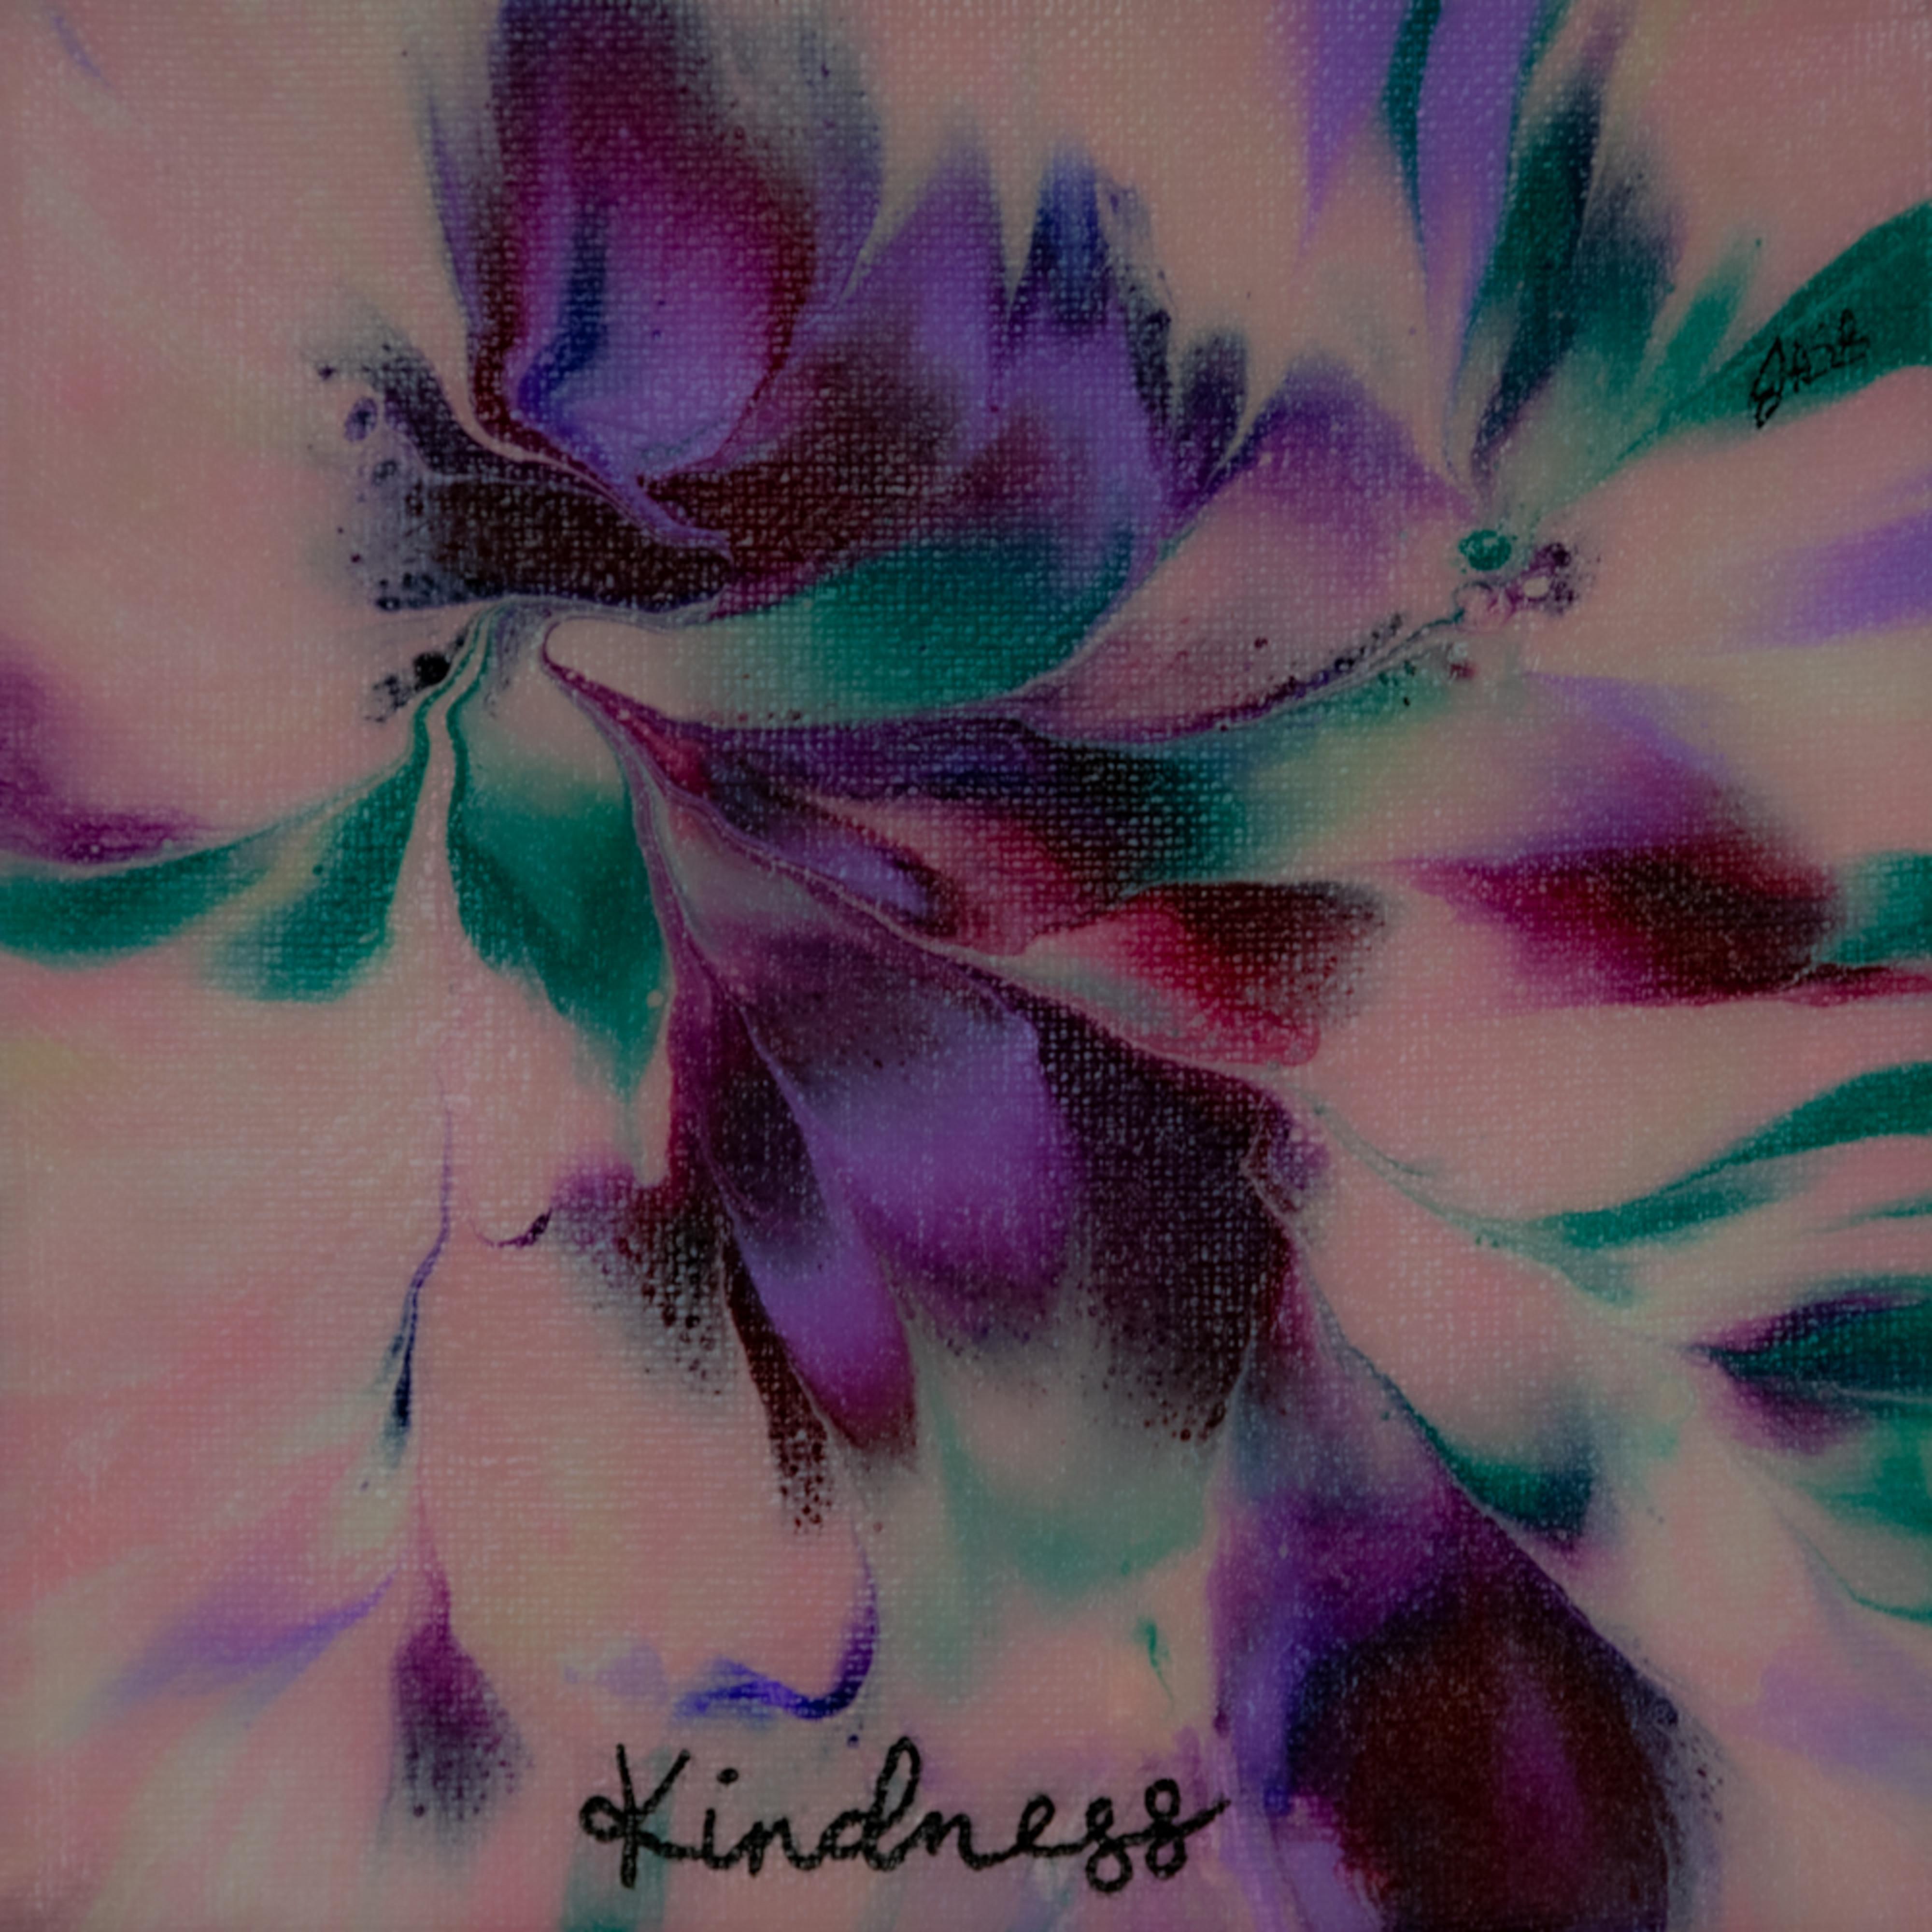 Kindness p lrg fdpdew